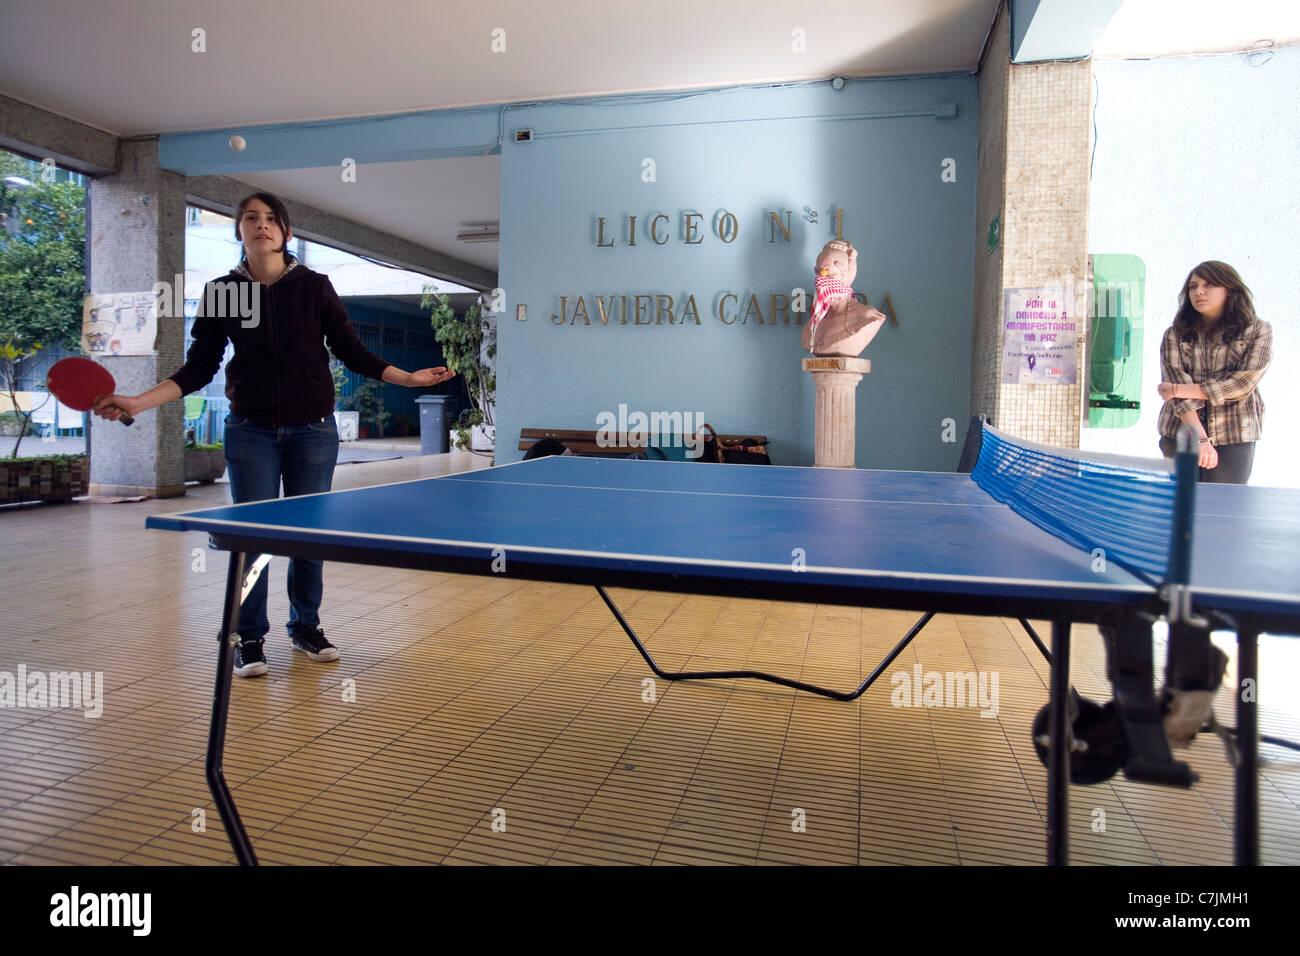 """Les jeunes élèves à jouer au tennis de table dans les territoires Liceo Nº1 """"Javiera Carrera' Photo Stock"""